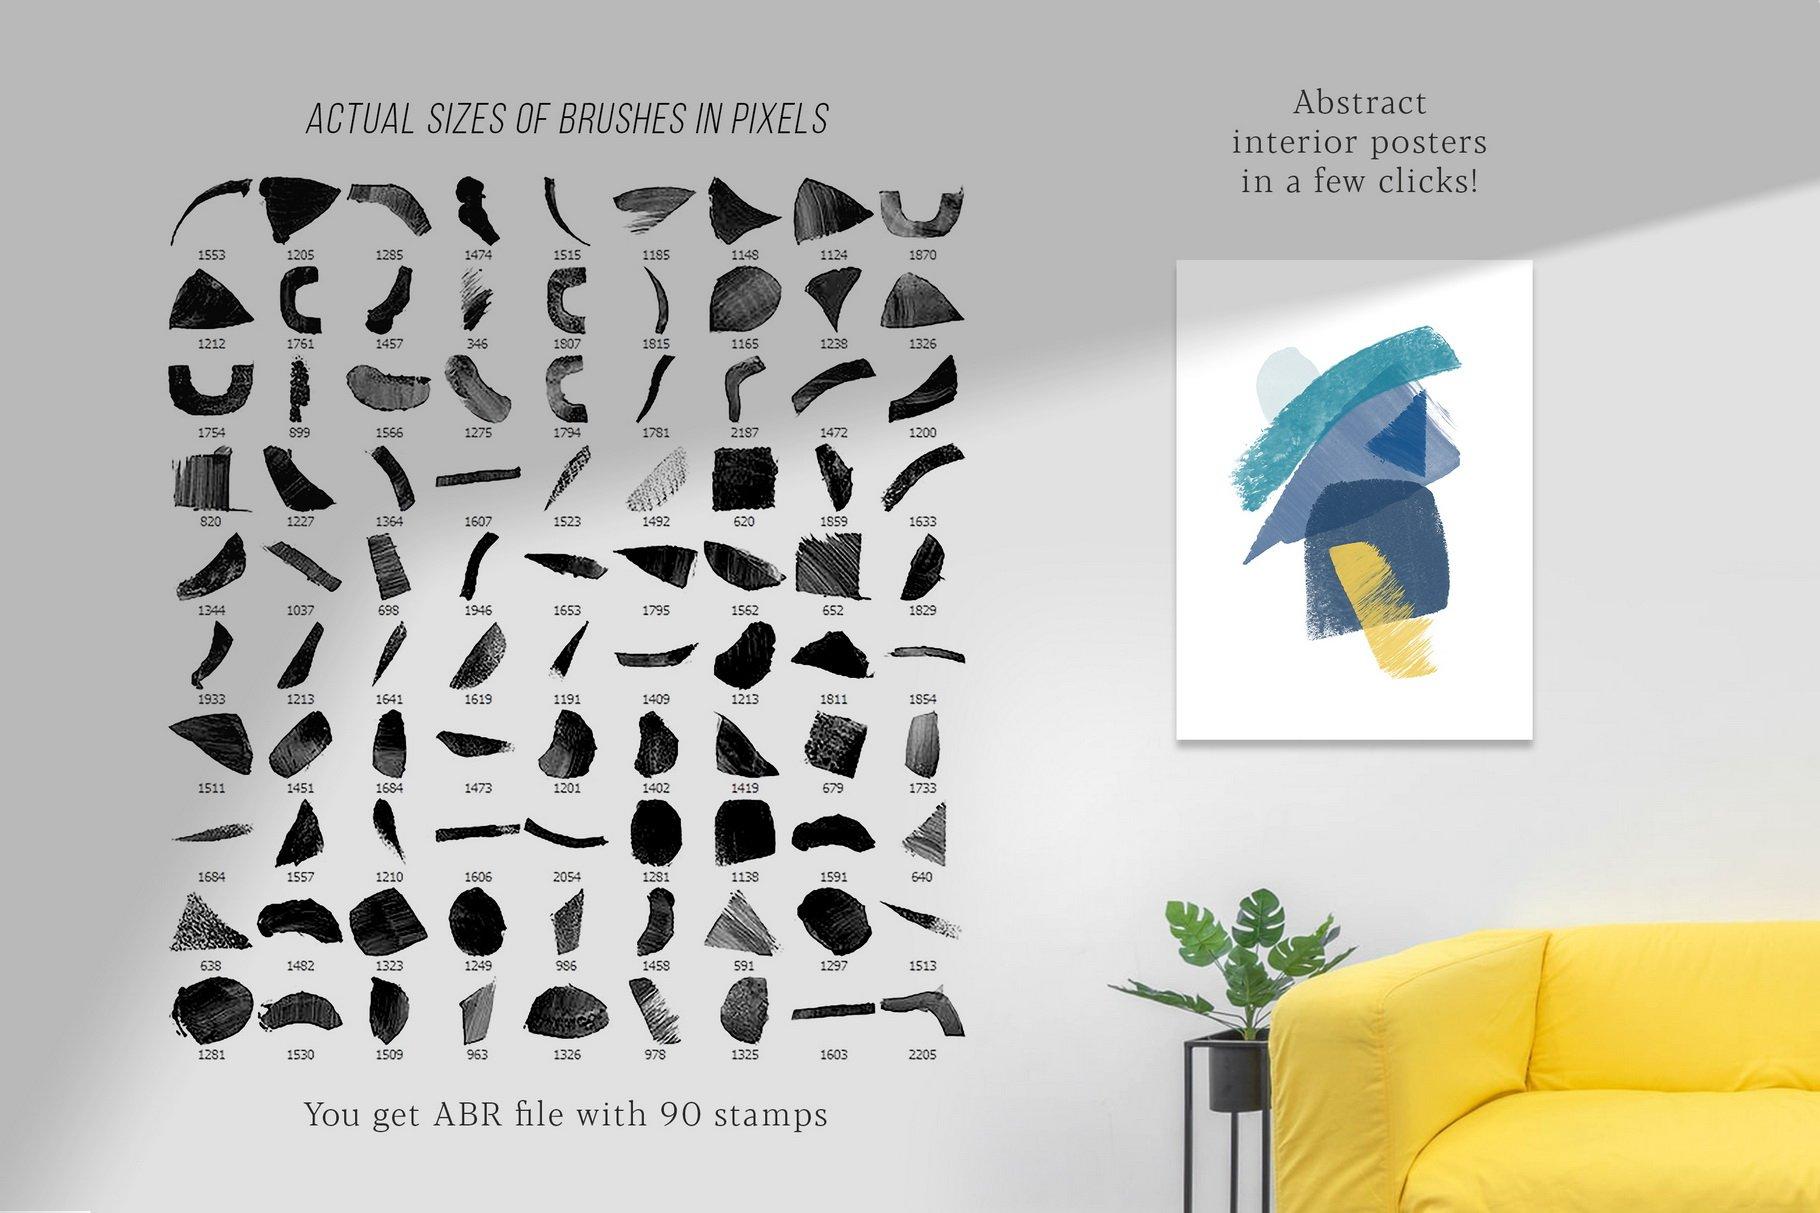 775款艺术气息水彩水墨丙烯酸绘画效果PS图章笔刷素材 Photoshop Stamp Brushes Bundle 2020插图7